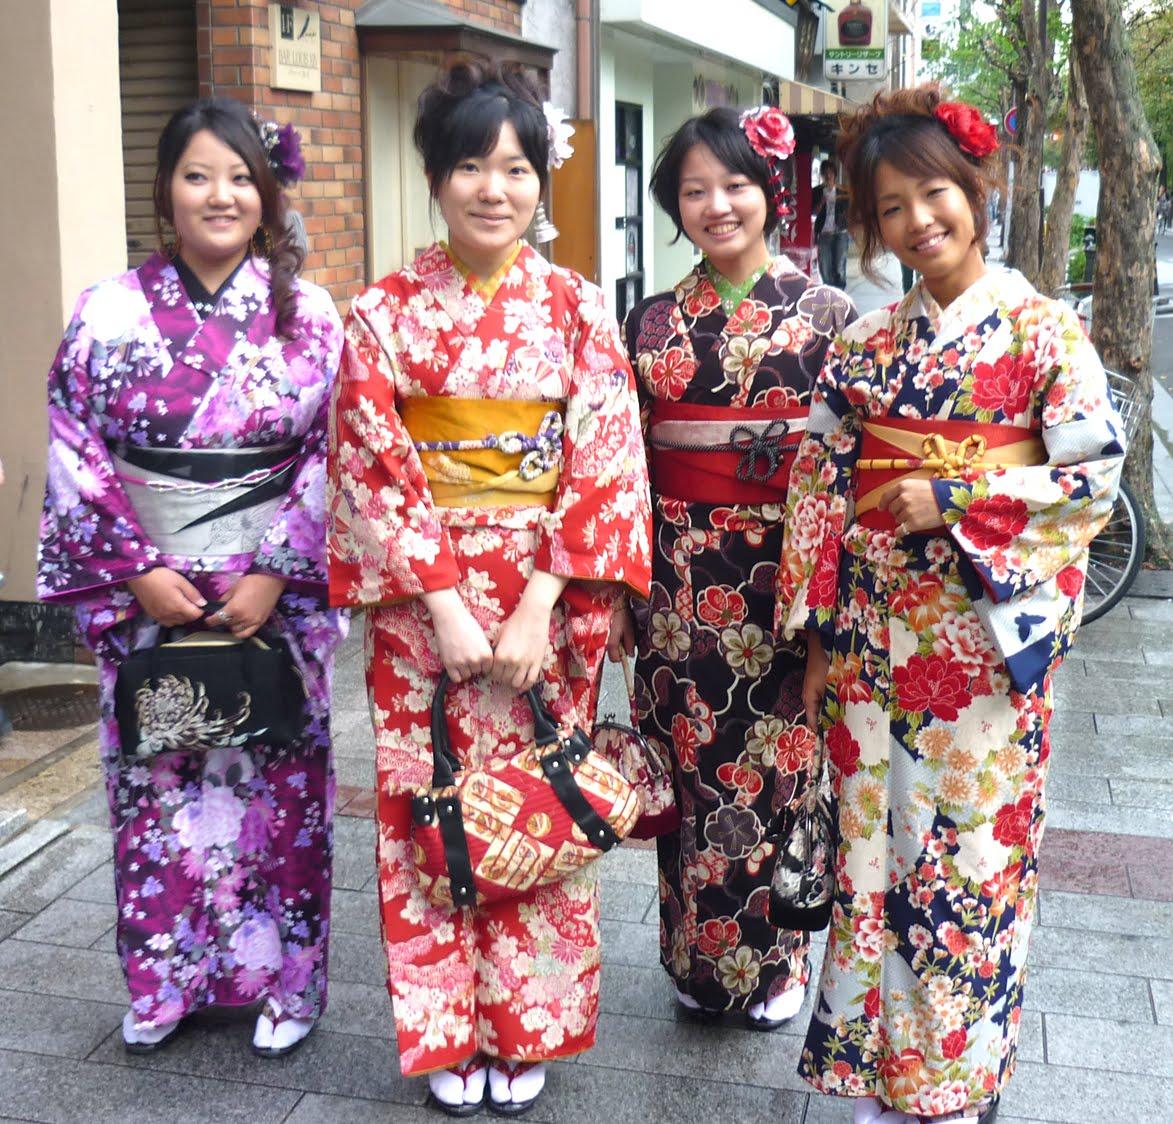 необходим одежда японцев фото вкусу суп немного